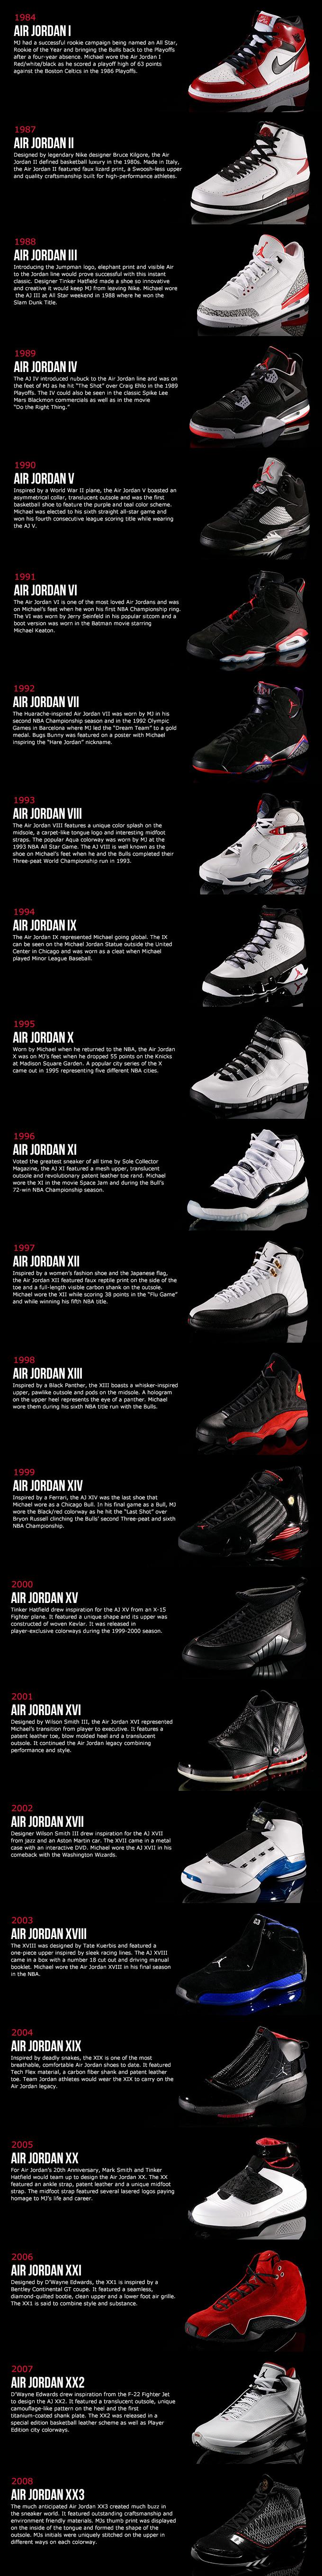 d26a0a522d48f Tenis de Basket. History of Air Jordan Shoes